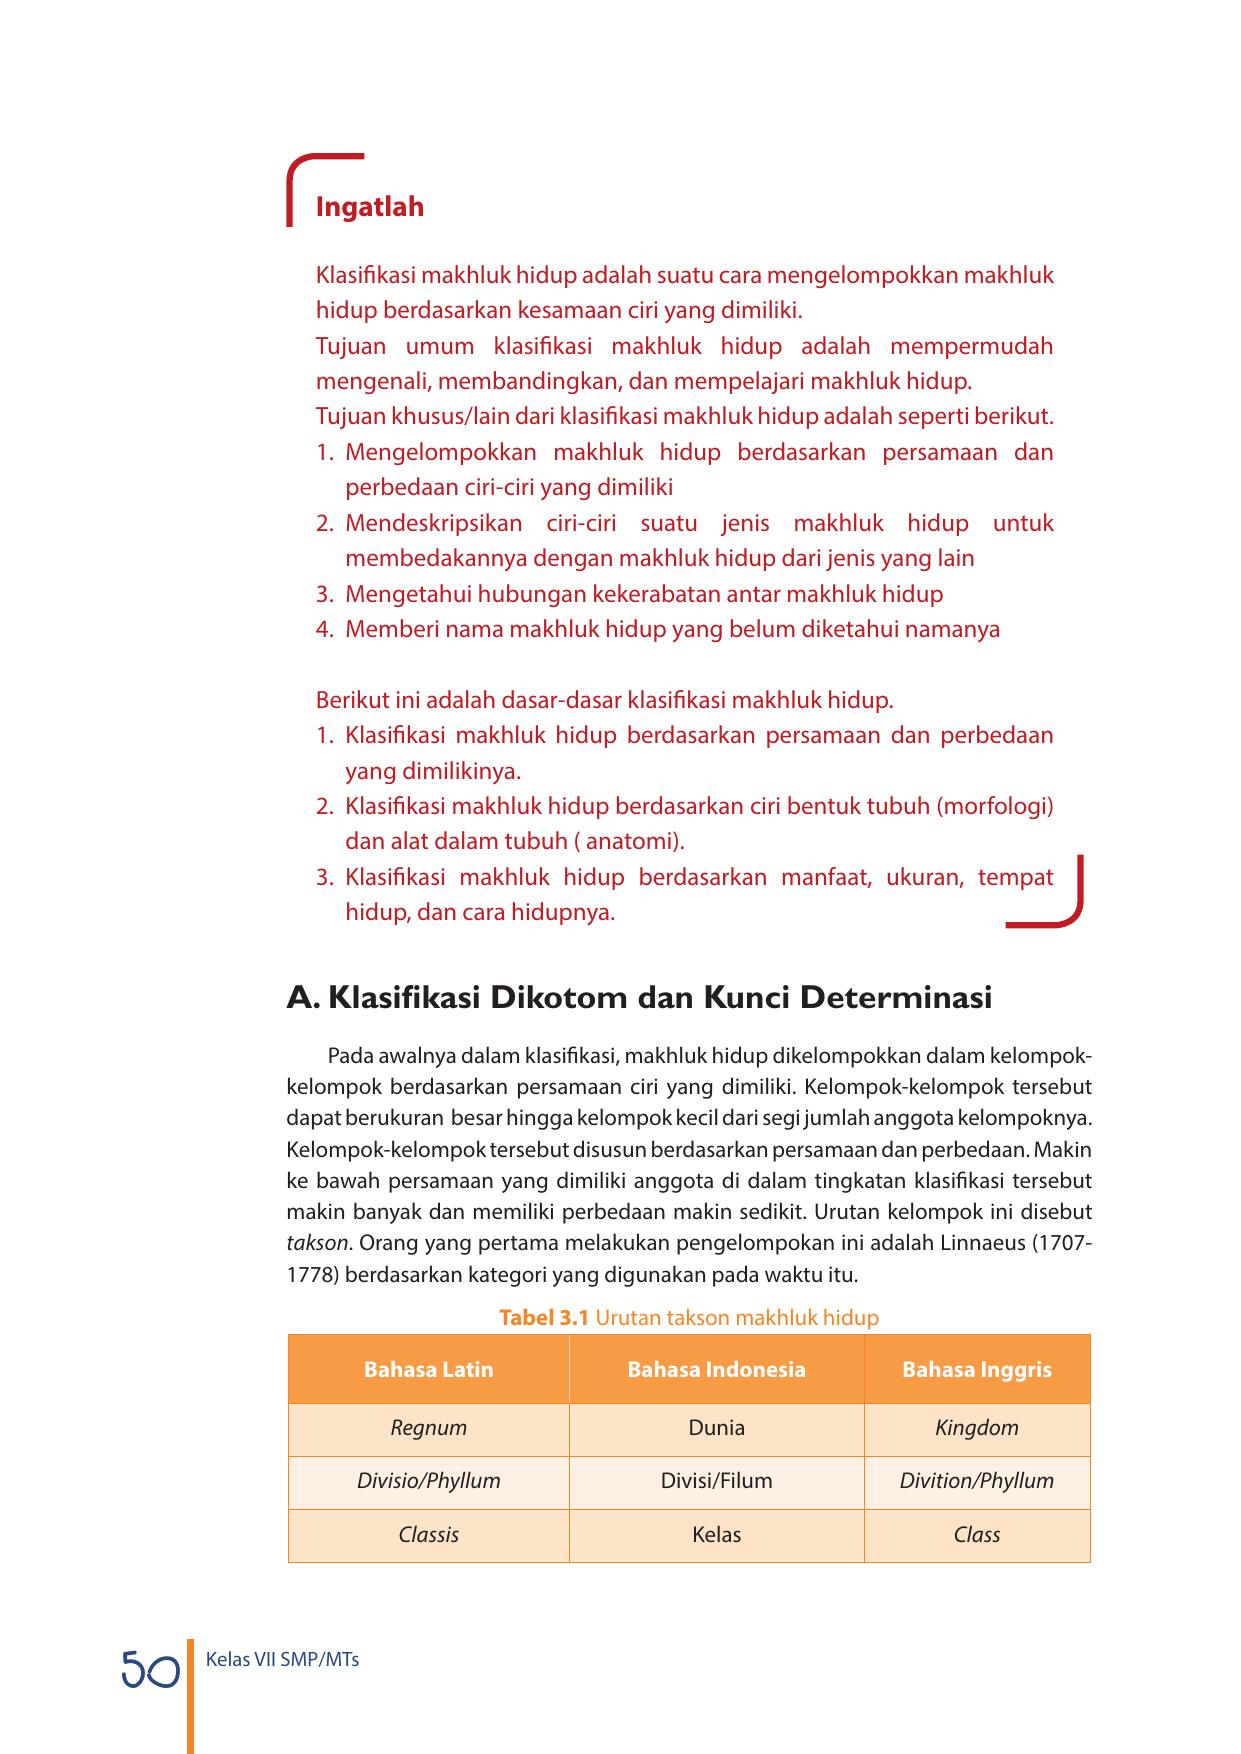 A Klasifikasi Dikotom Dan Kunci Determinasi